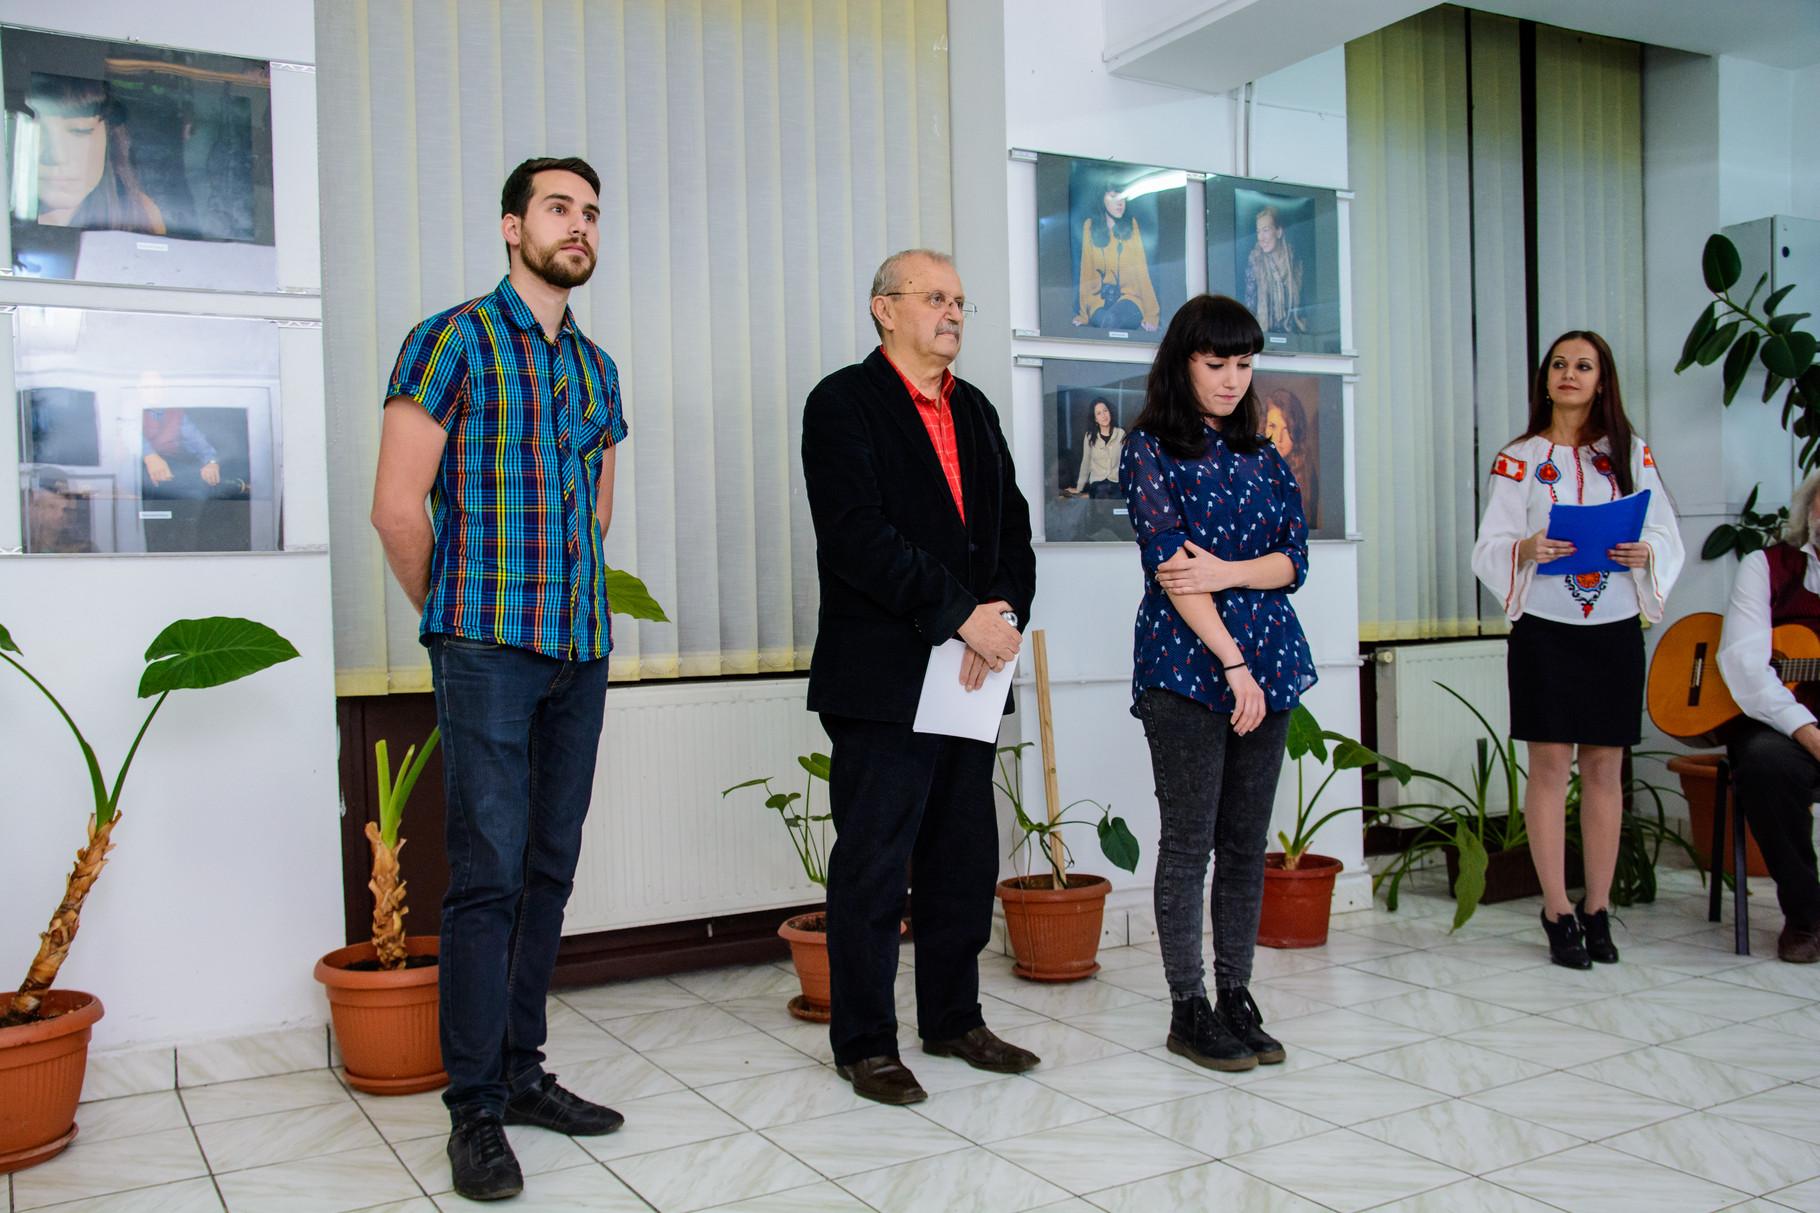 2014.12.05 - Nagyvárad (RO)